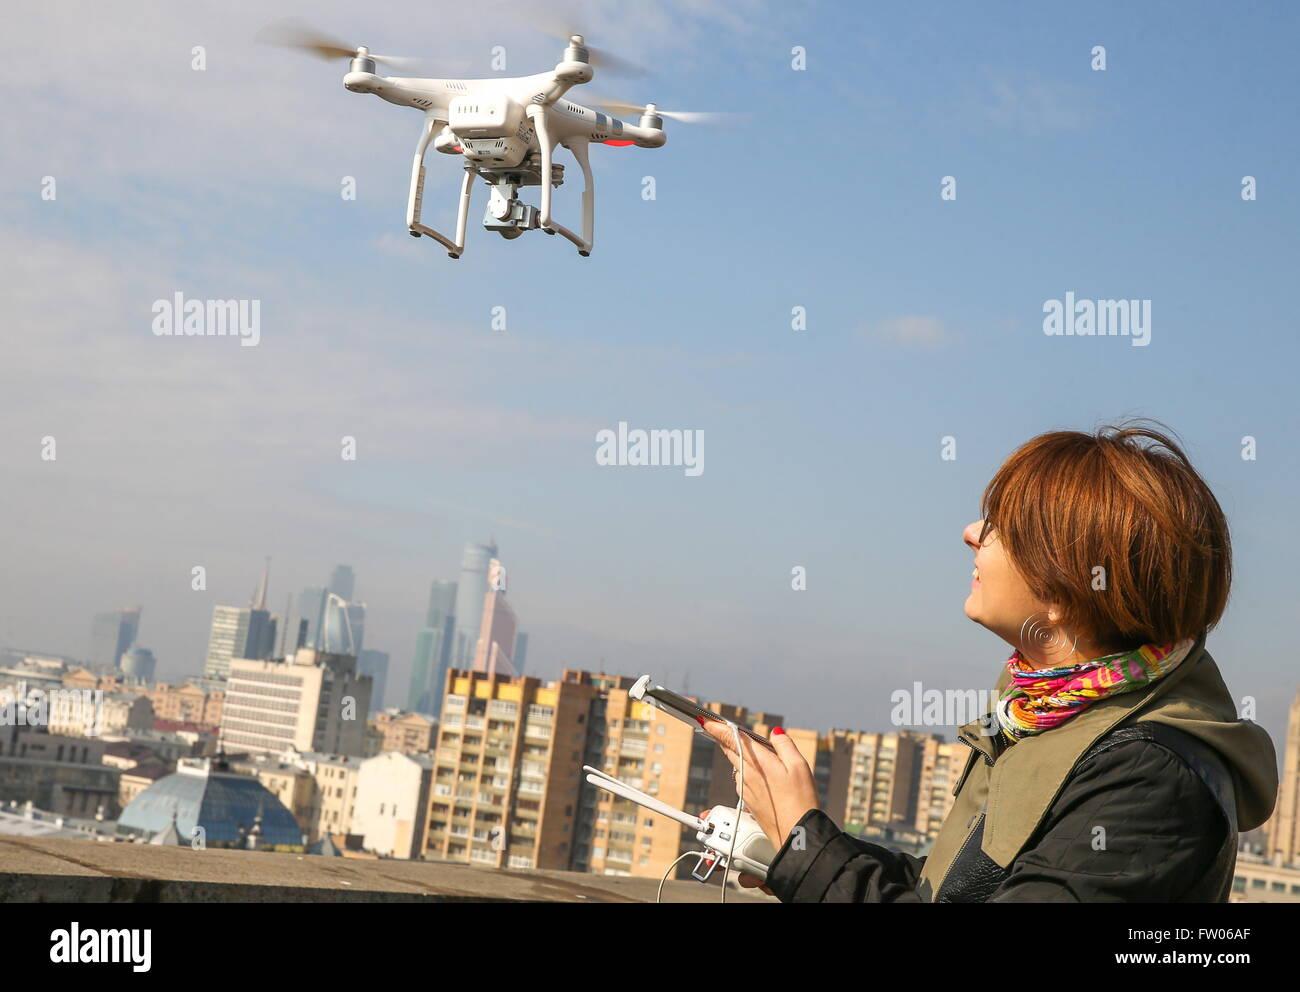 Acheter amazone drones drone camera v